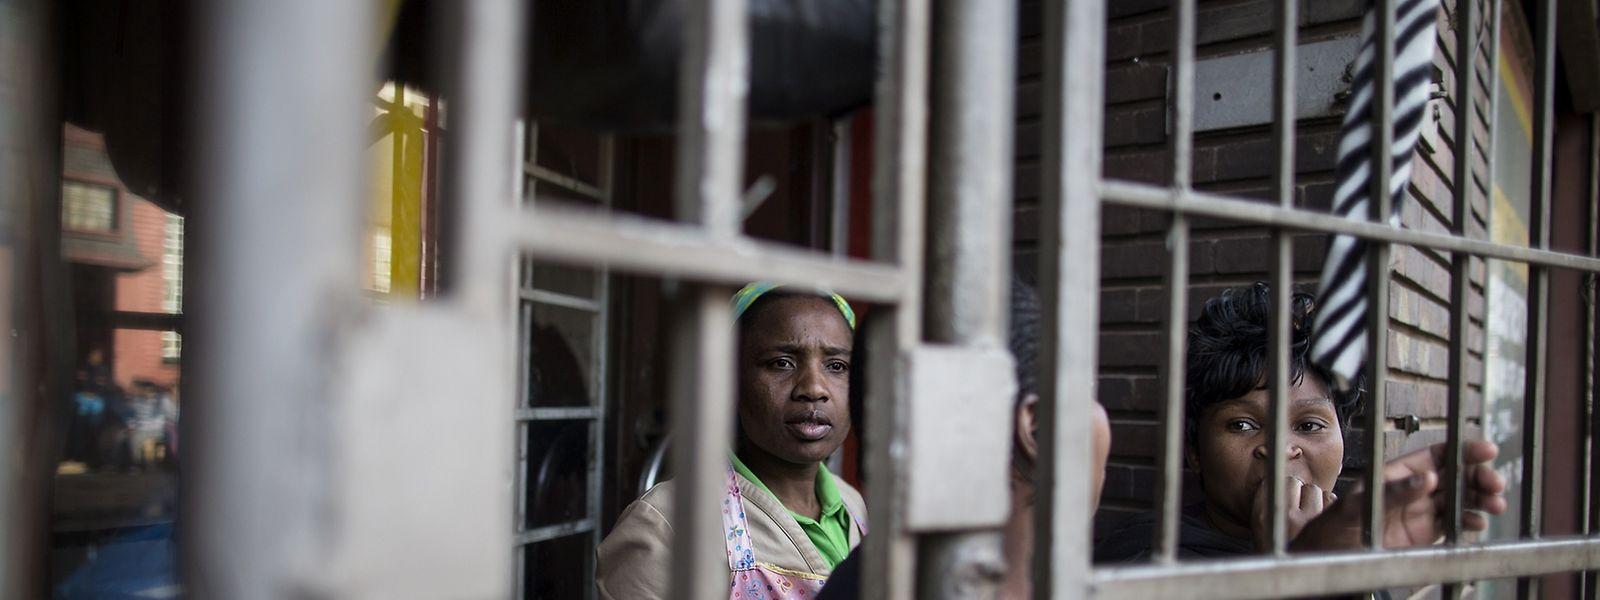 Geschützt hinter den Gittern beobachten ausländische südafrikanische Frauen, wie eine Menge von aufgebrachten Zulu, vor dem Hospiz im Stadtteil Jeppestown in Johannesburgs, gegen sie protestiert.